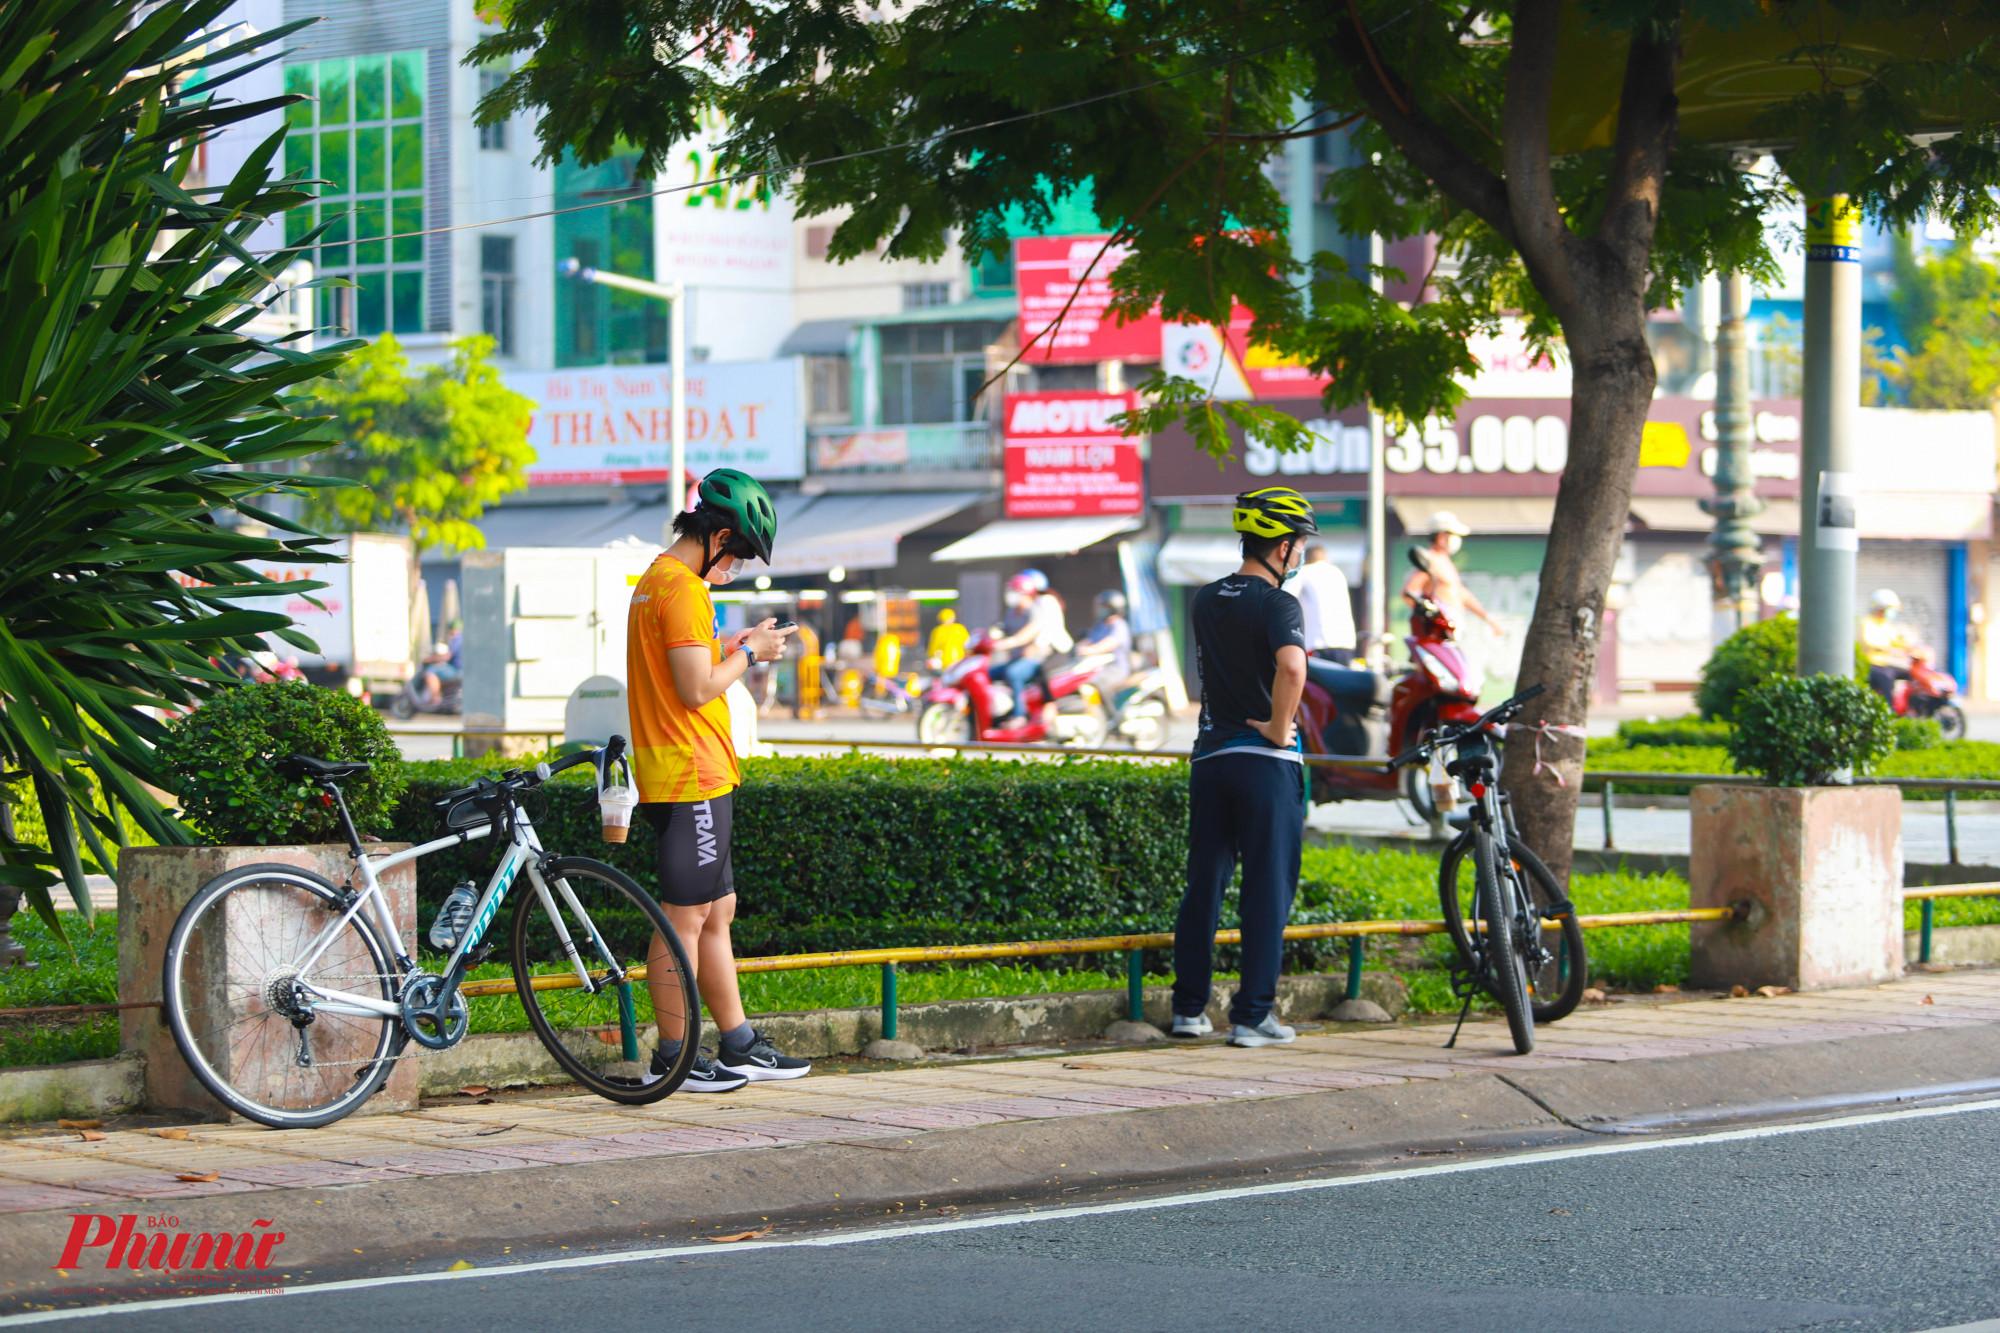 Đi dạo mỗi sáng giúp người dân tươi tỉnh hơn trong khoảng thời gian dài ở nhà giãn cách xã hội